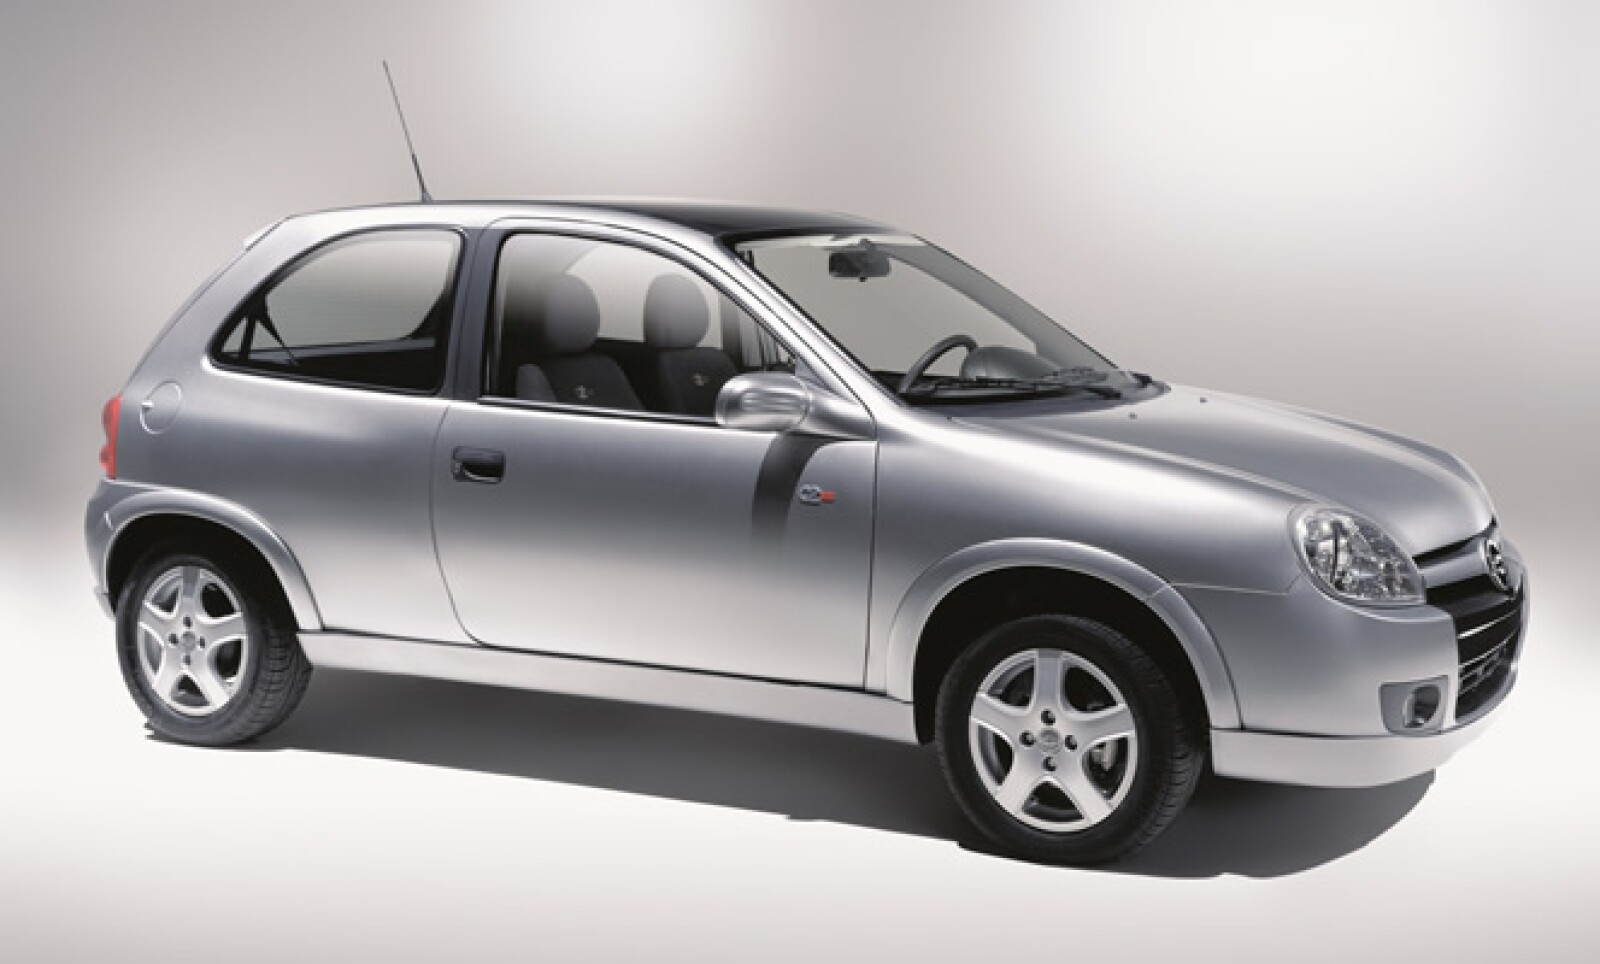 Chevy introdujo la conexión USB y de iPod  a sus modelos desde 2007.